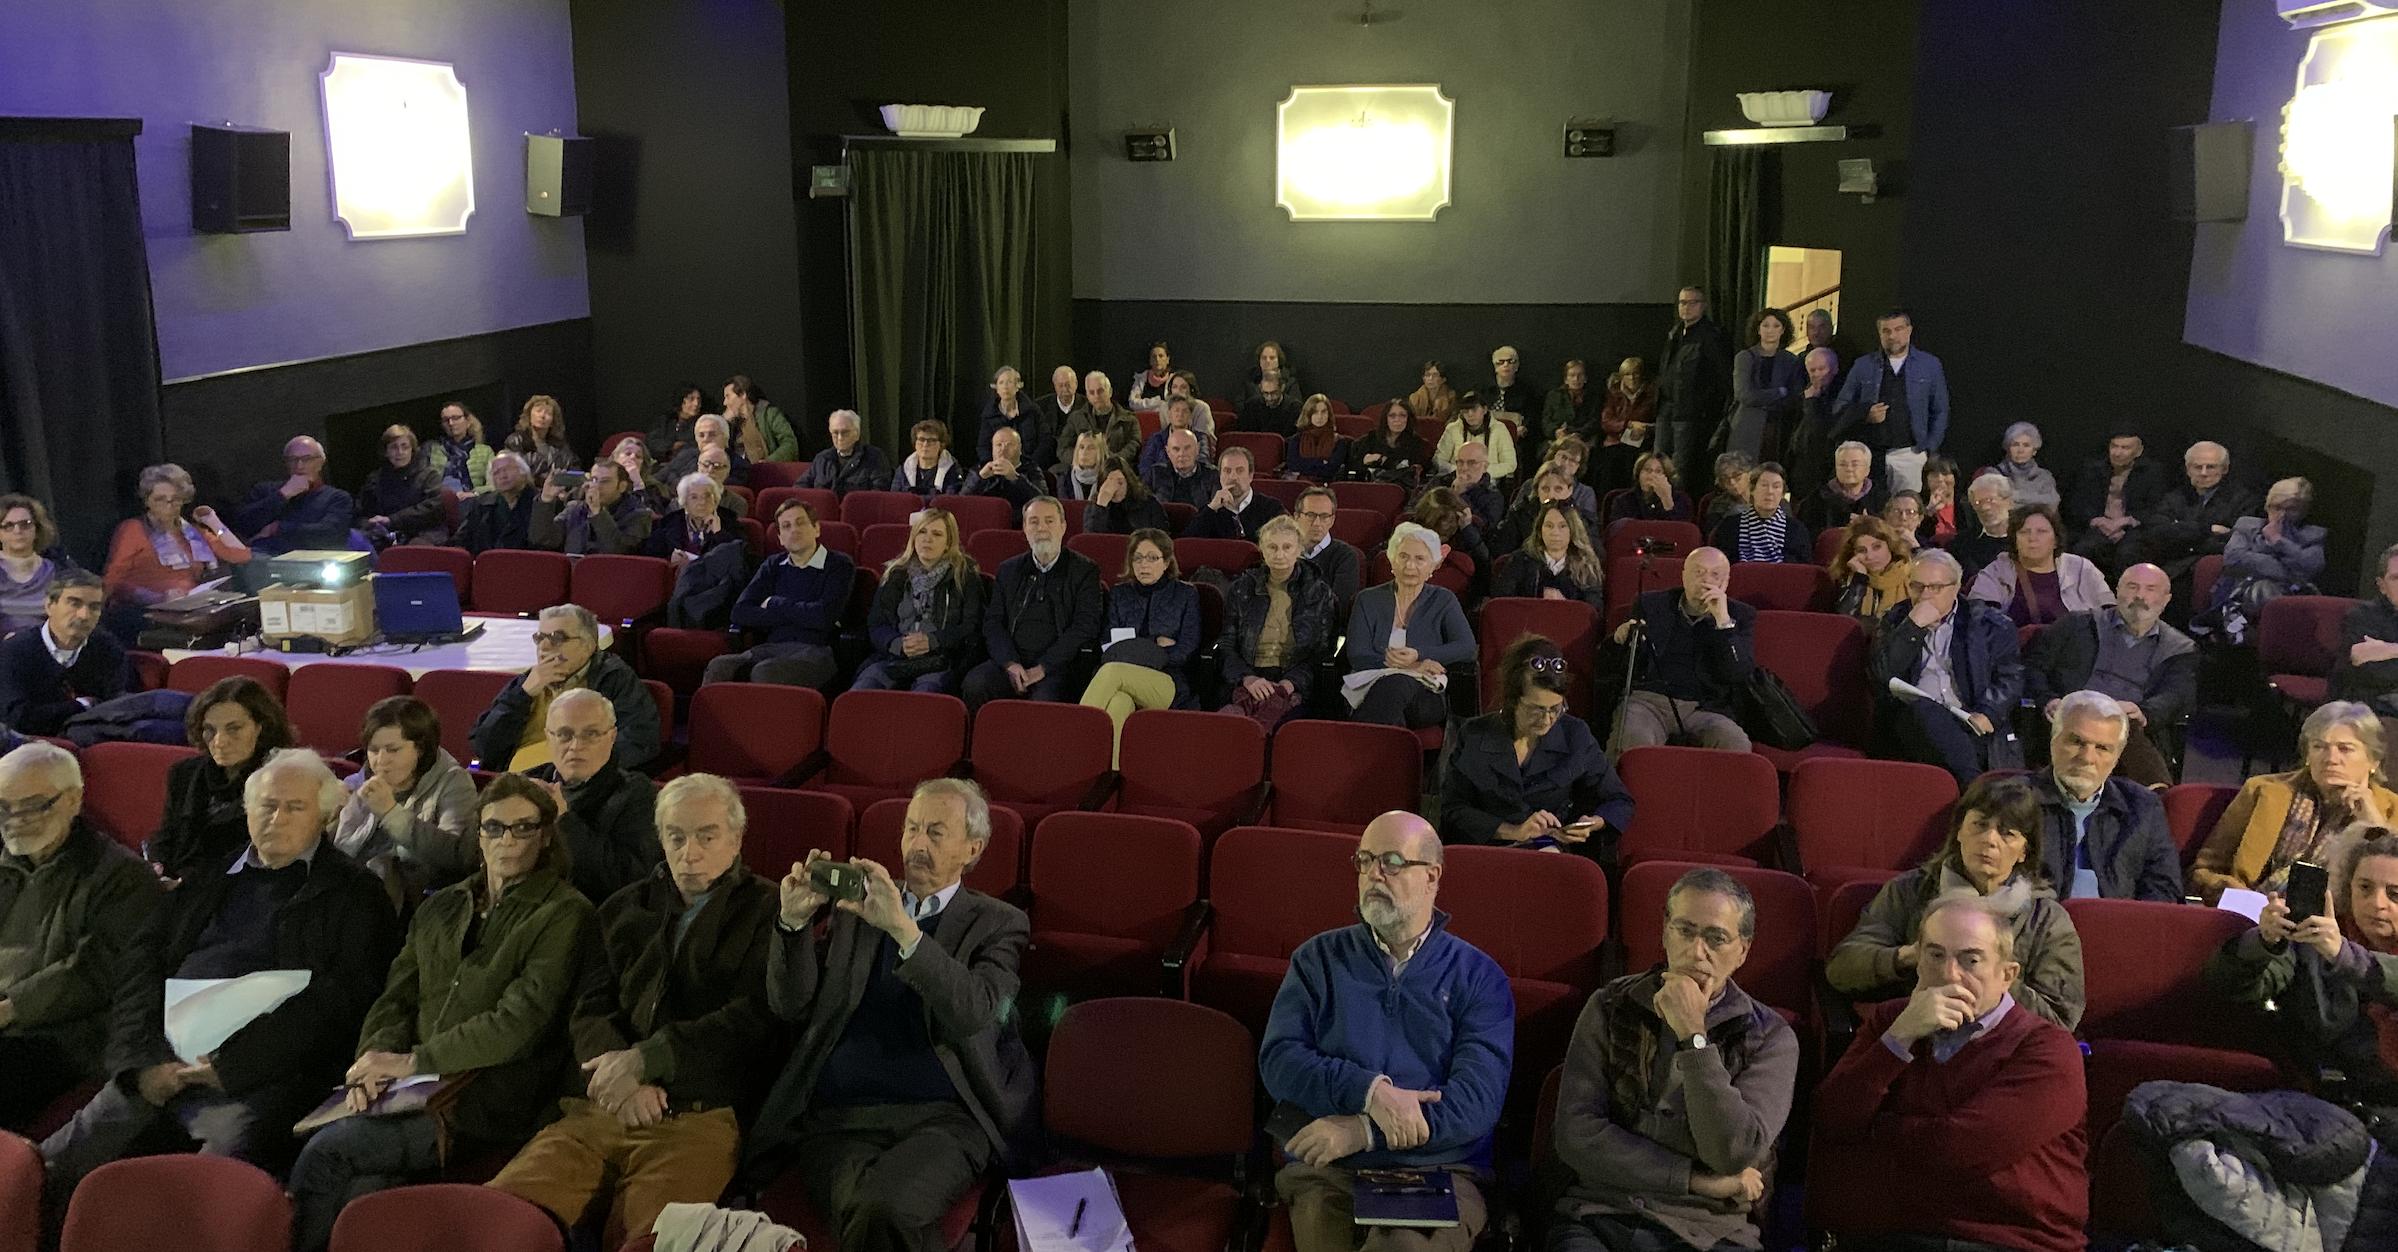 Cinema  Tiziano assemblea  ex stabilimenti militari 30 11 2019